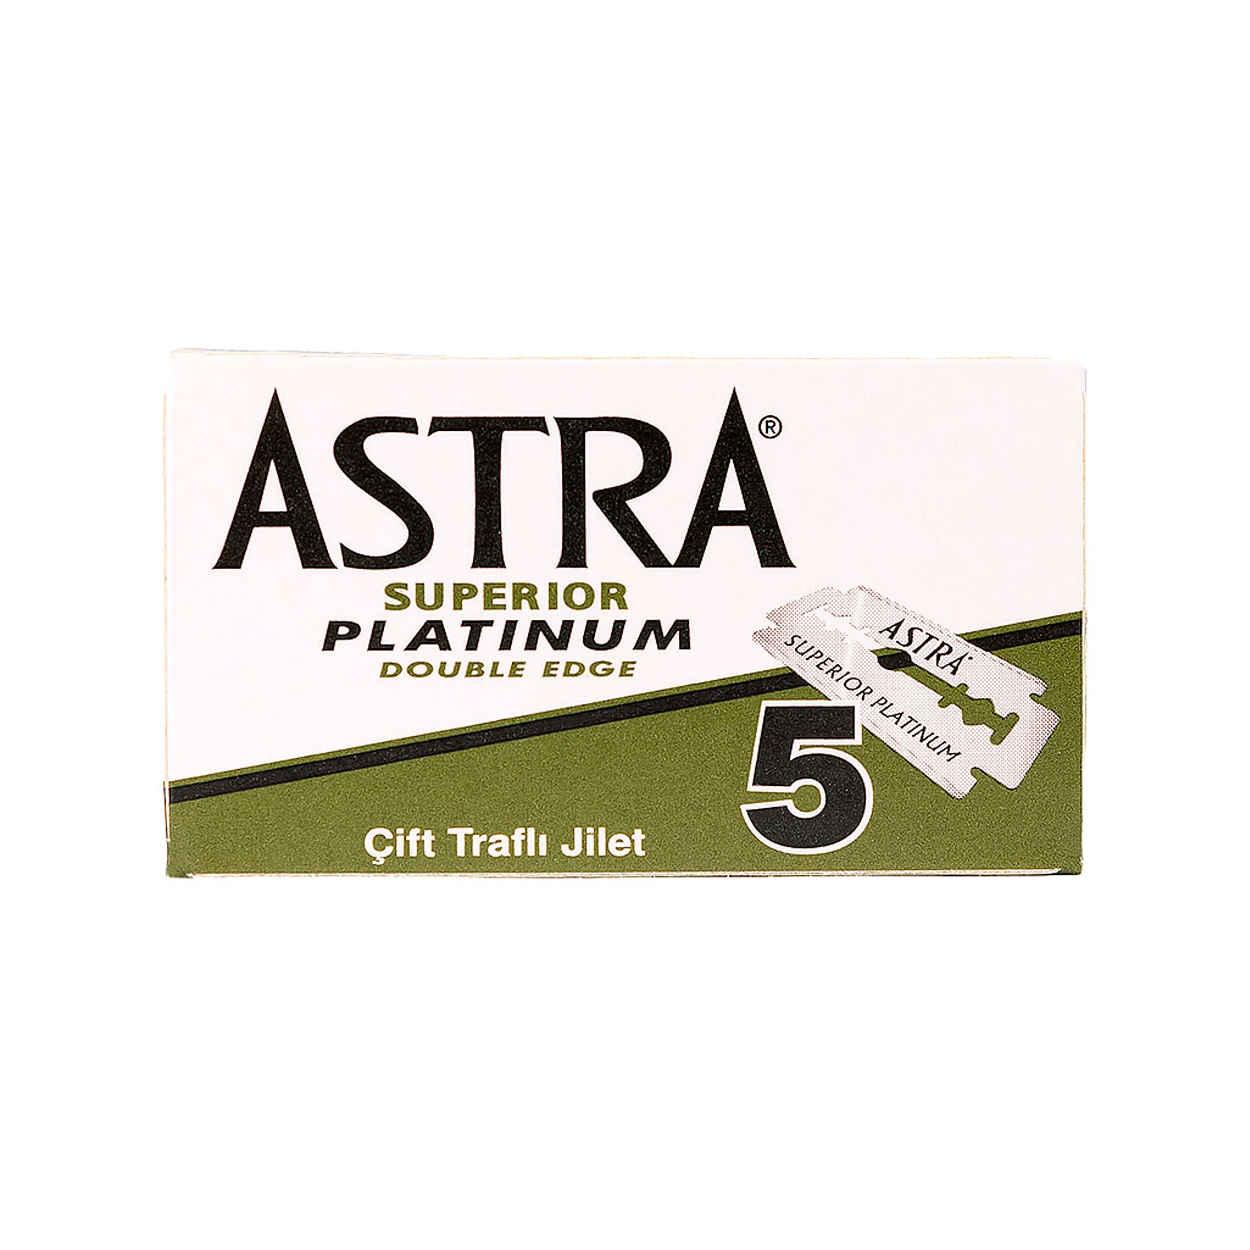 Astra Blade